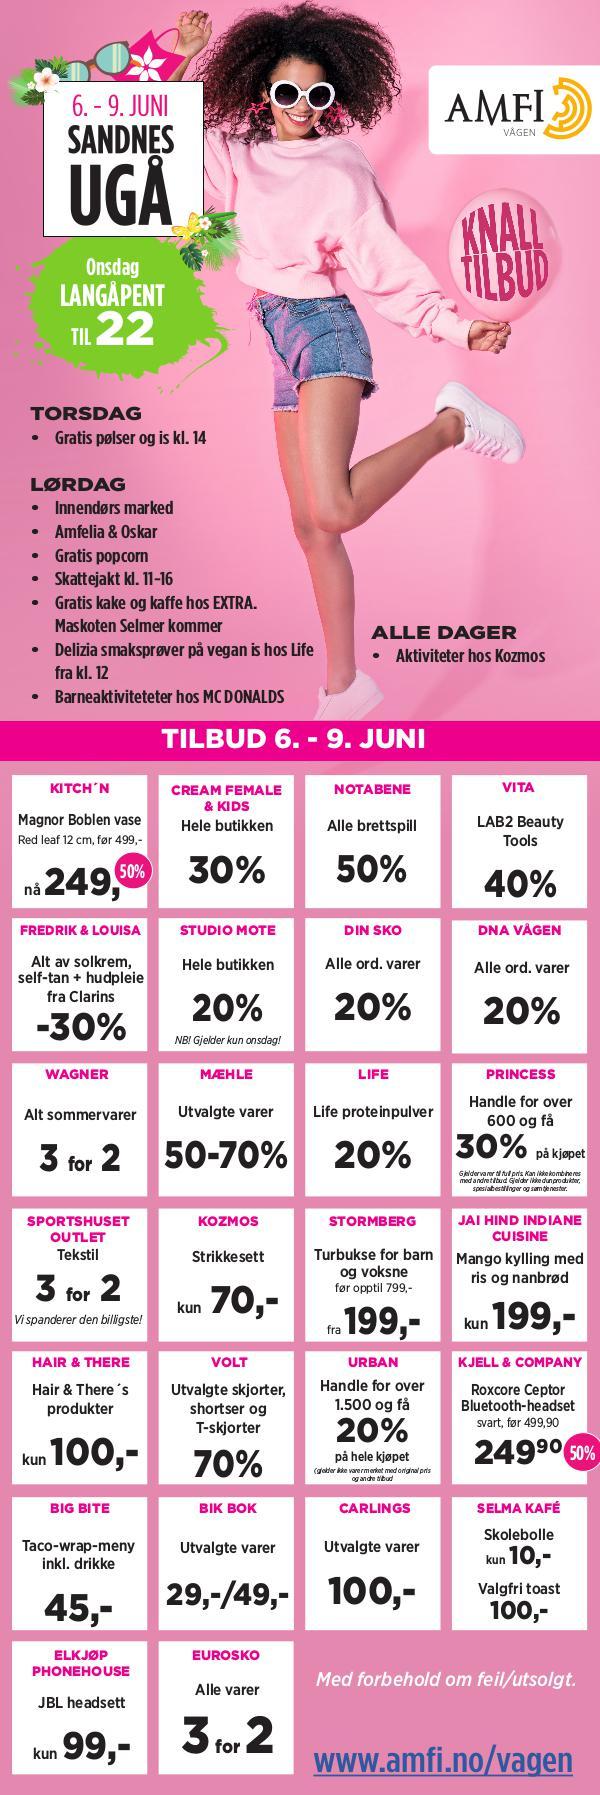 AMFI Vågen Knalltilbud på AMFI Vågen6. - 9. juni - Sandnesugå